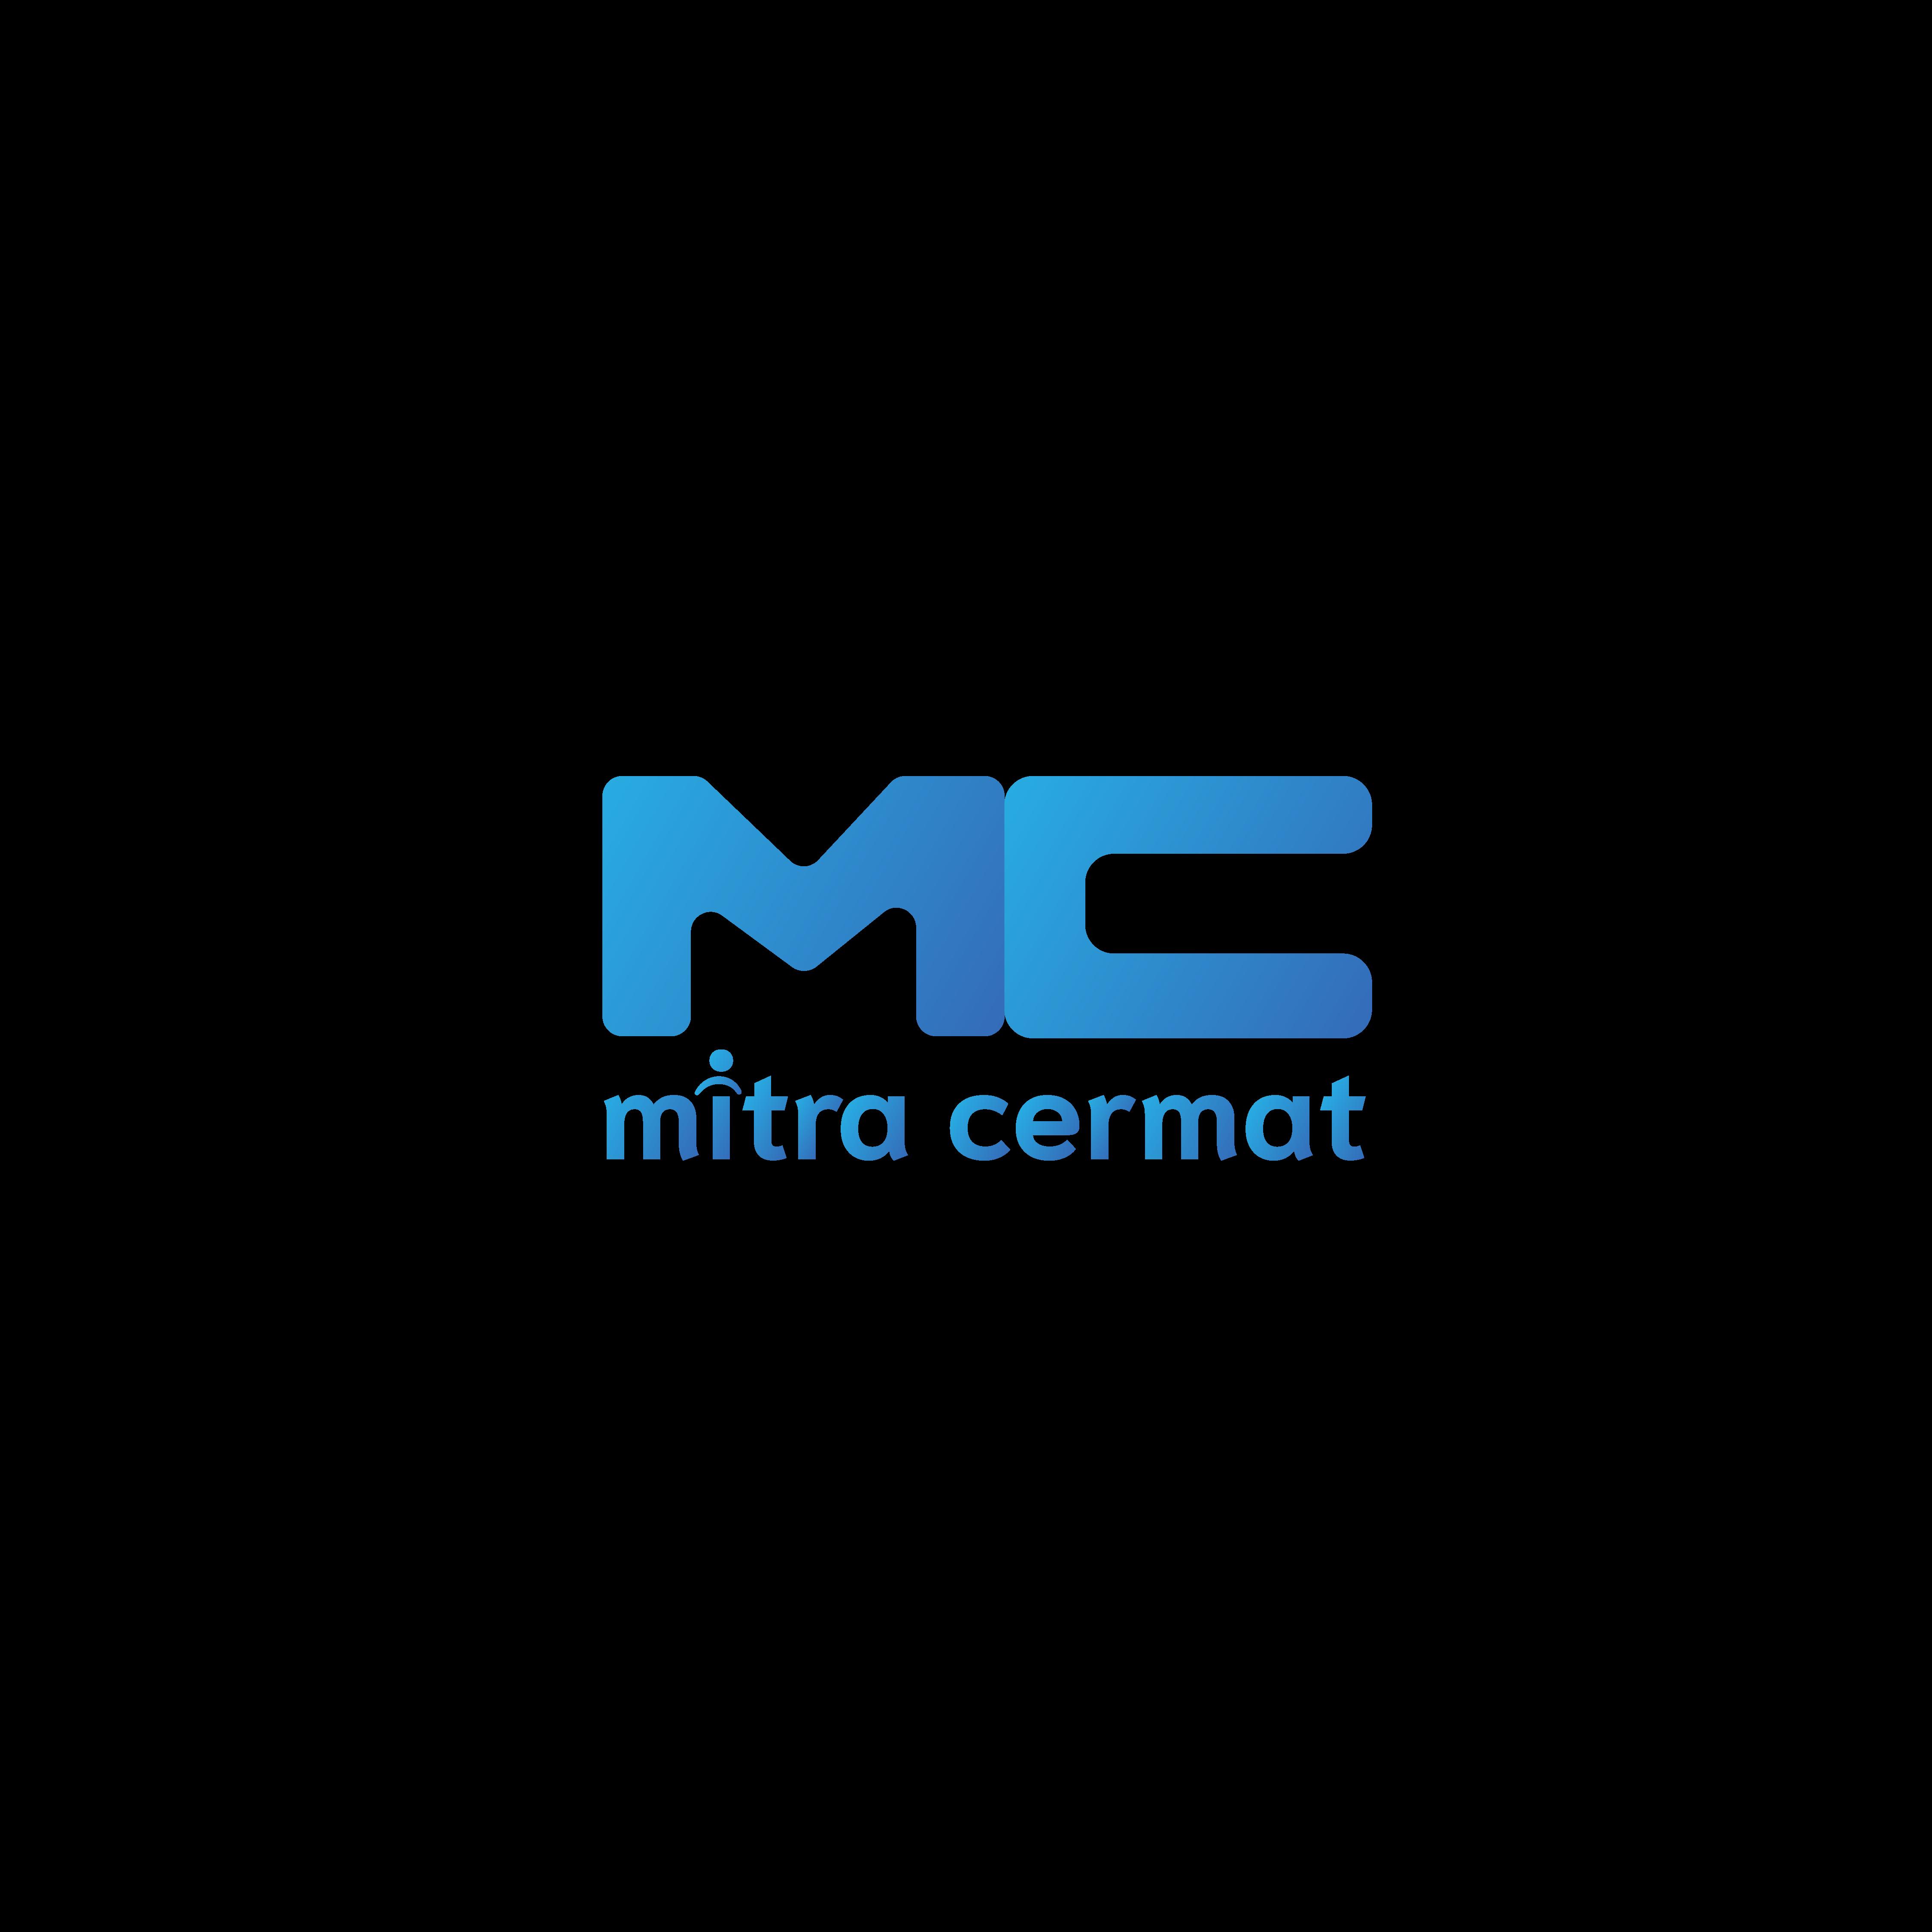 CV Mitra Cermat